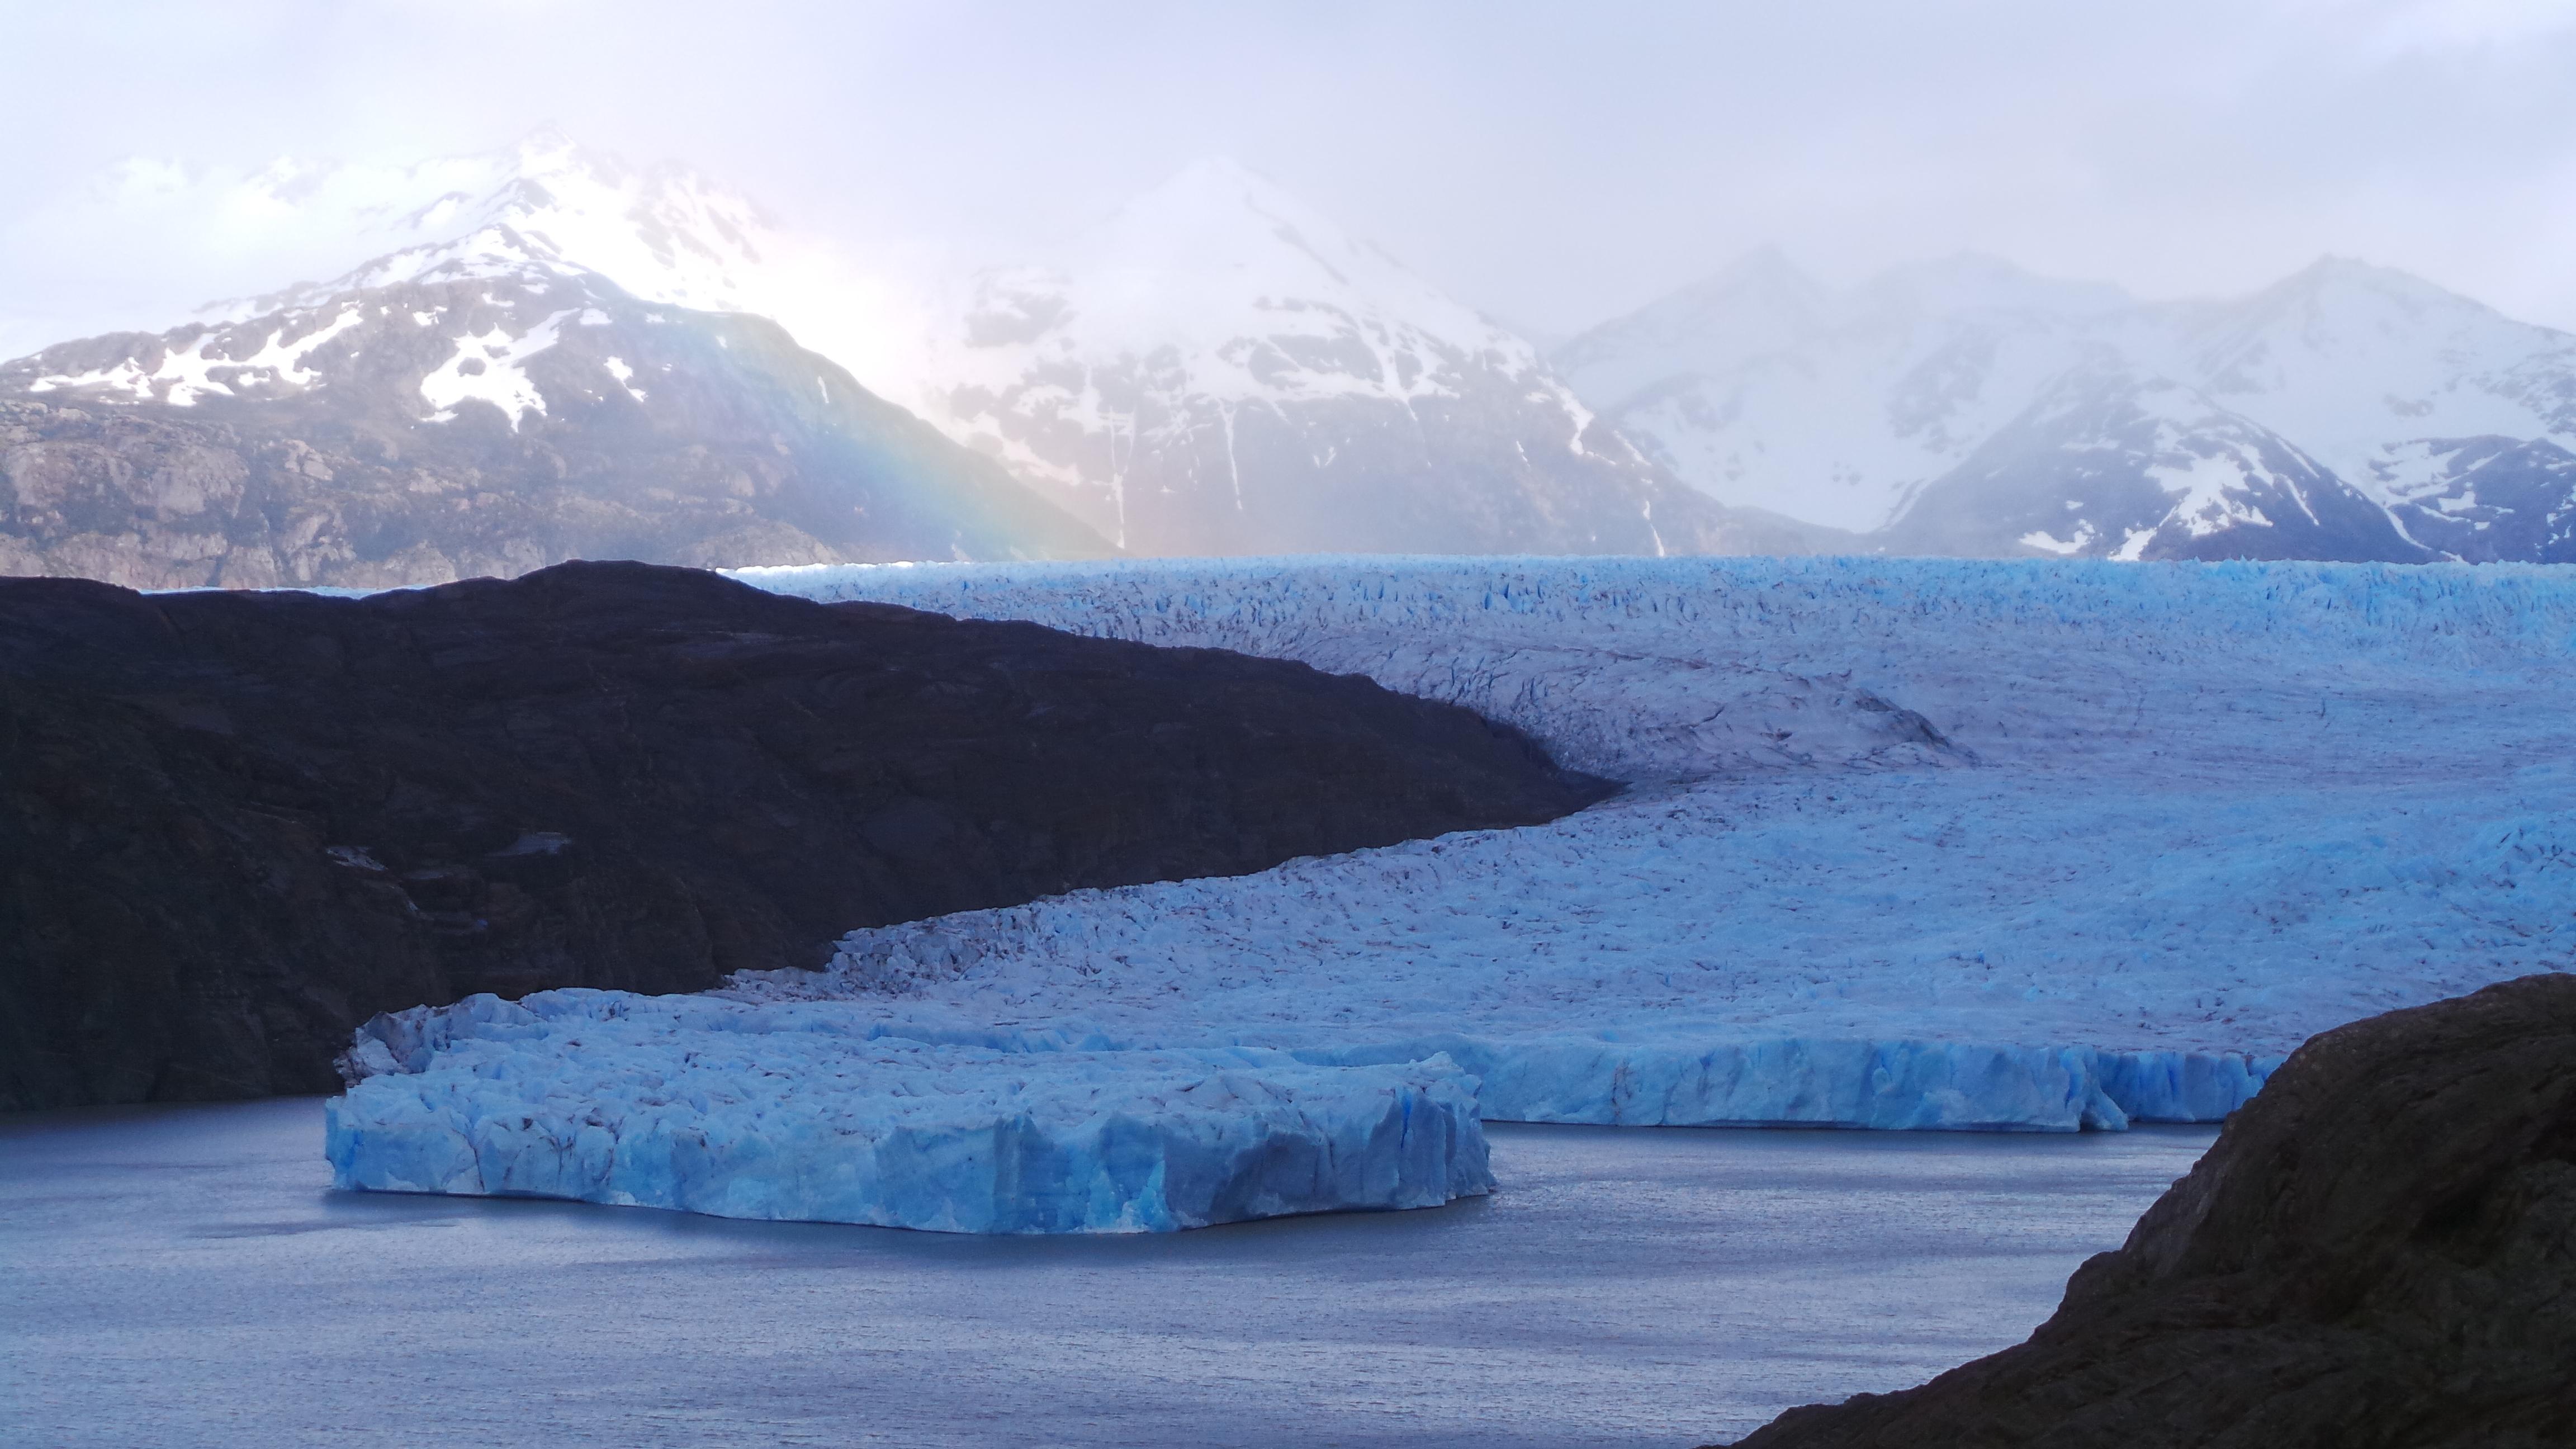 File:Glaciar Grey tras desprendimiento en 2017.jpg - Wikimedia Commons